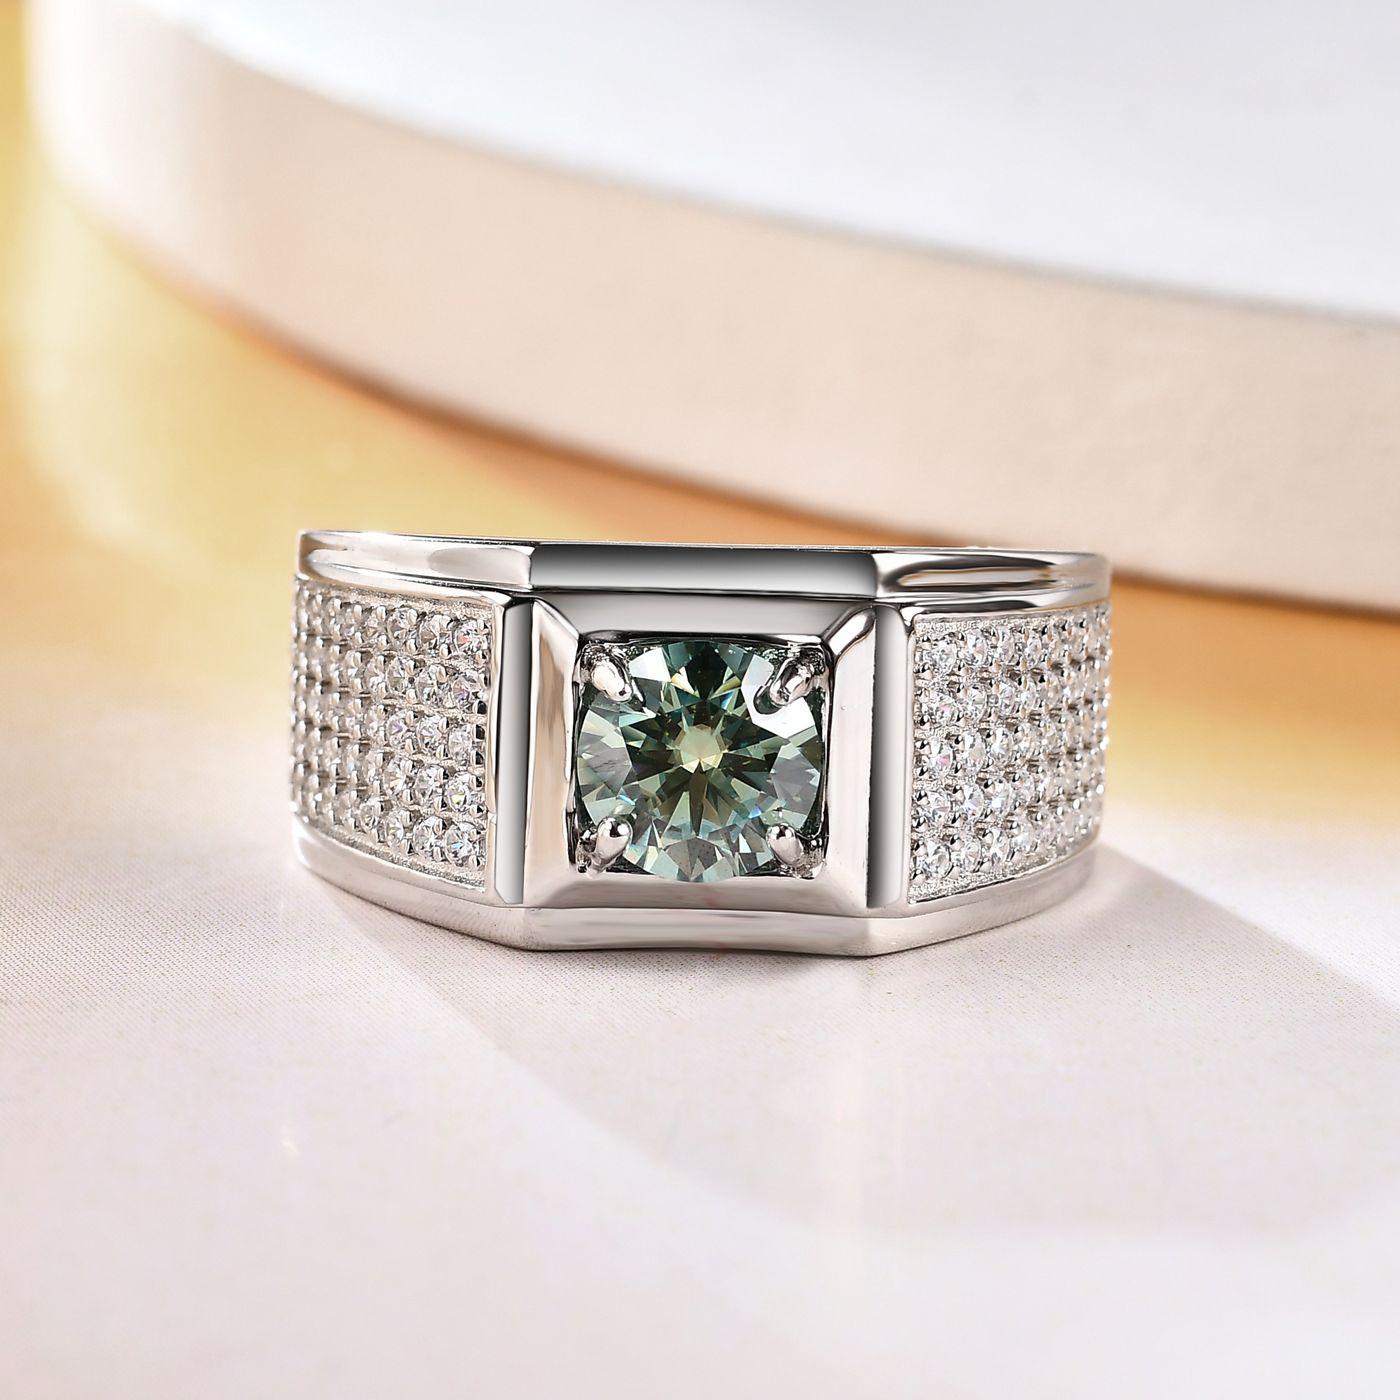 Мужские серебряные кольца с муассанитом, 1 карат